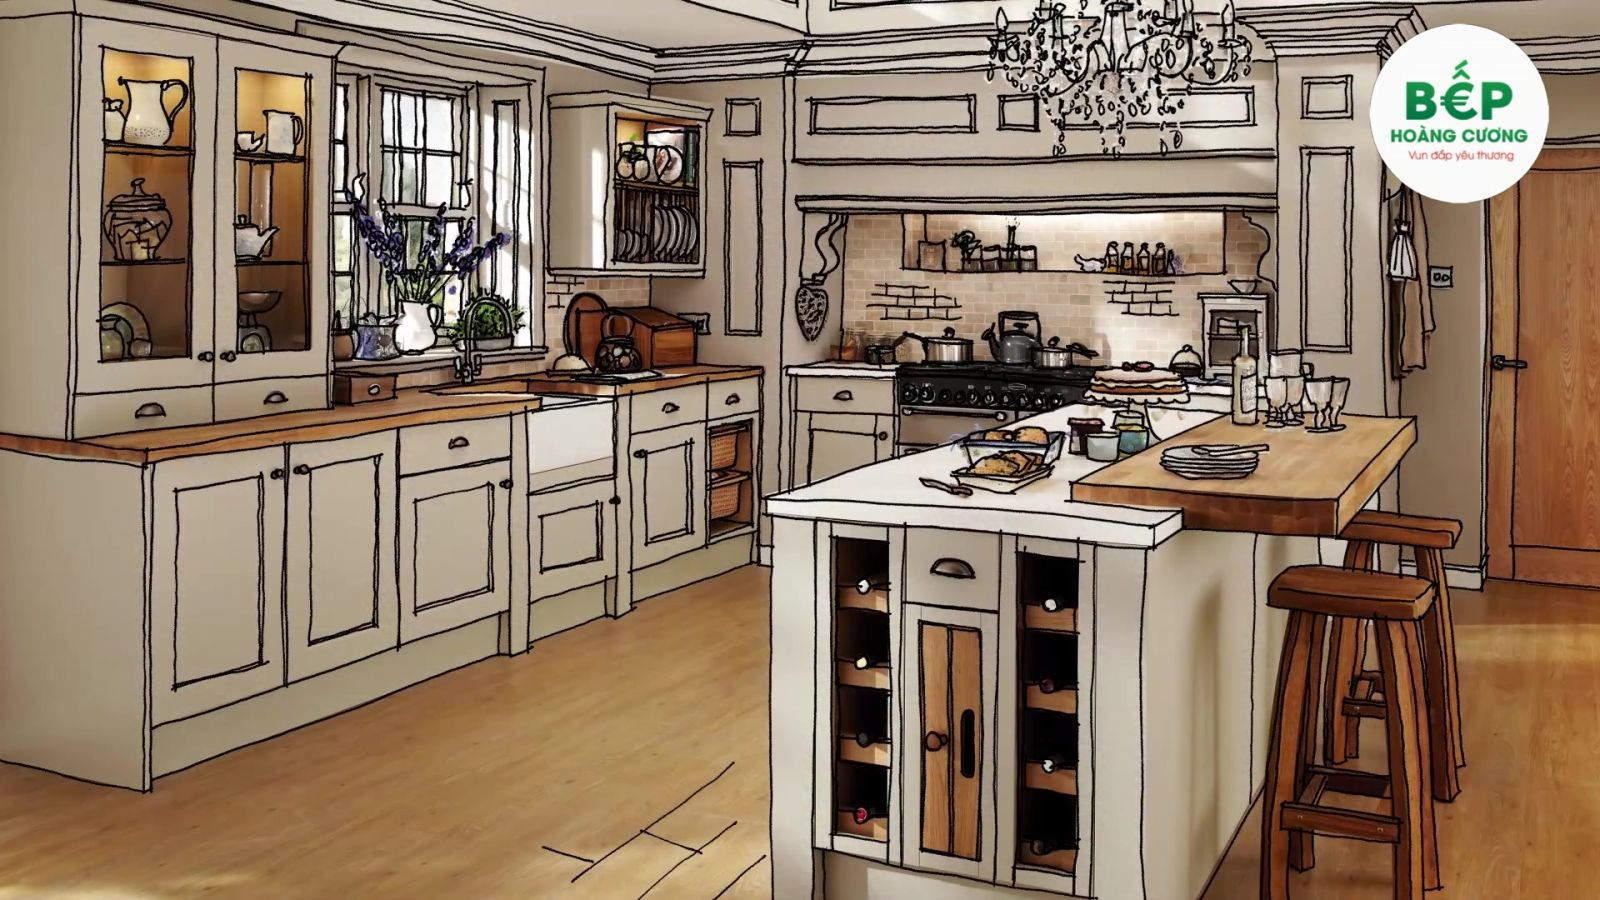 Khảo sát tư vấn lắp đặt thiết bị bếp tại nhà